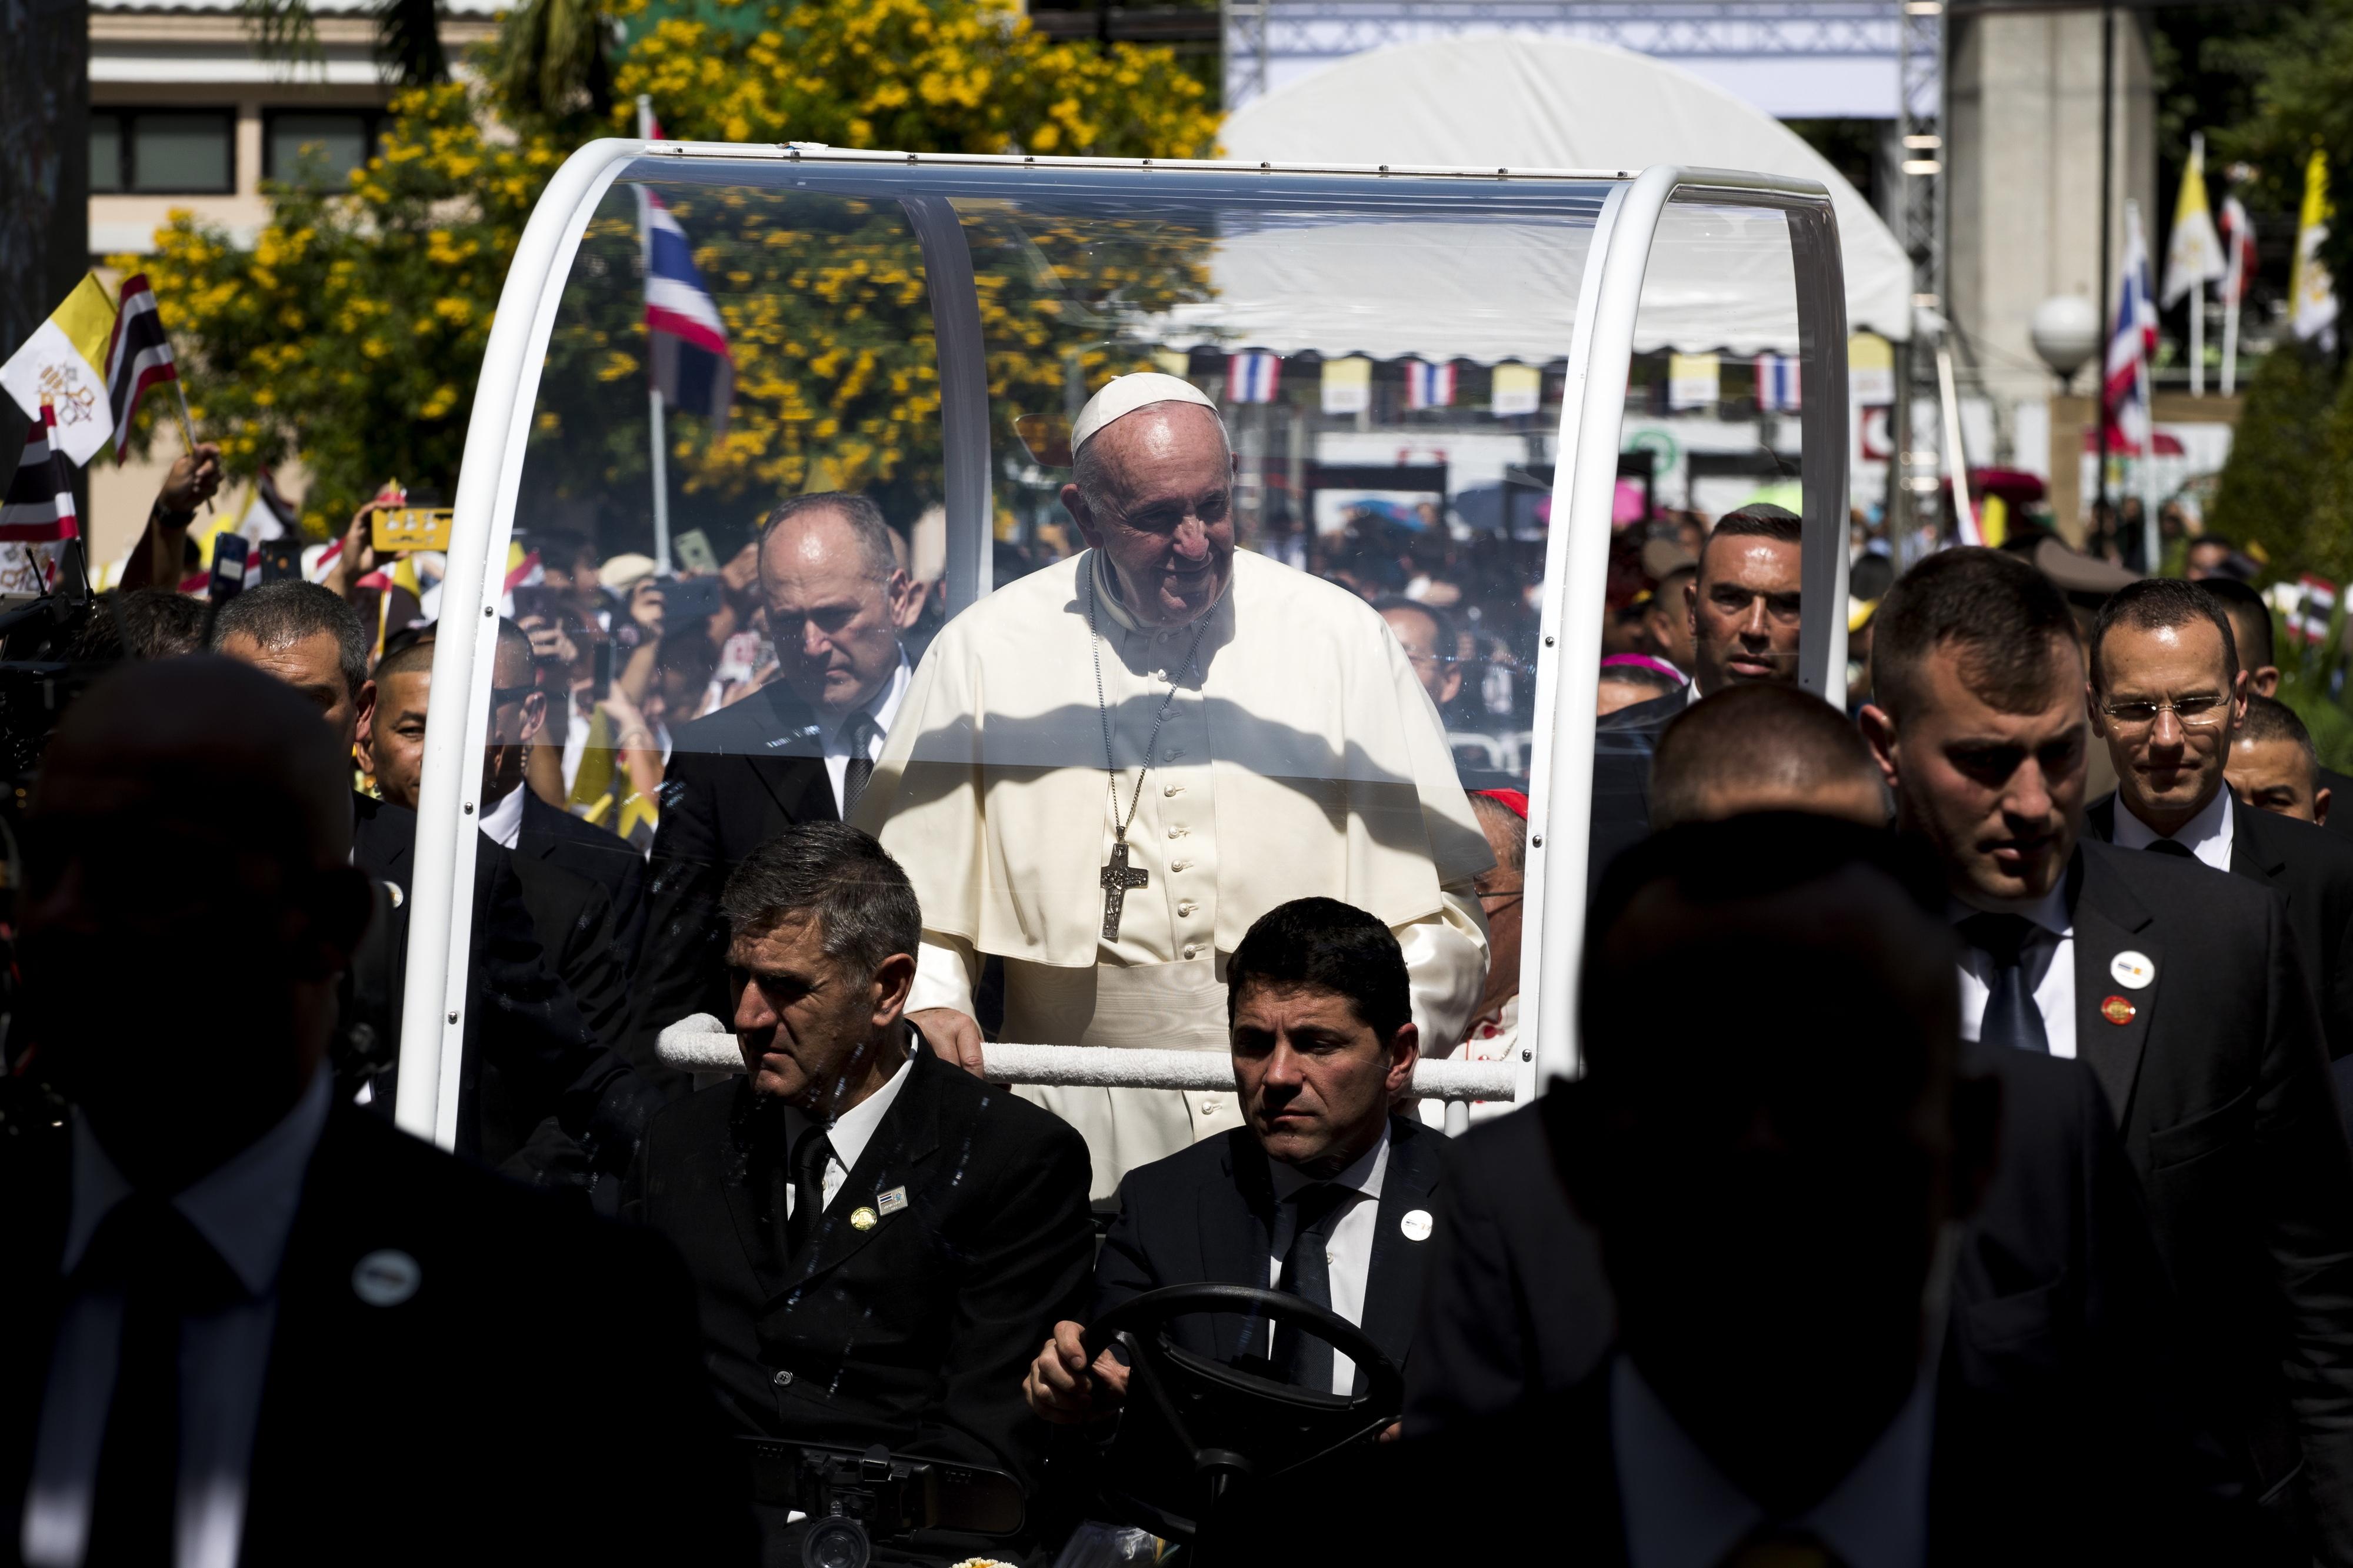 Papa denuncia exploração sexual de mulheres e crianças no primeiro discurso na Tailândia